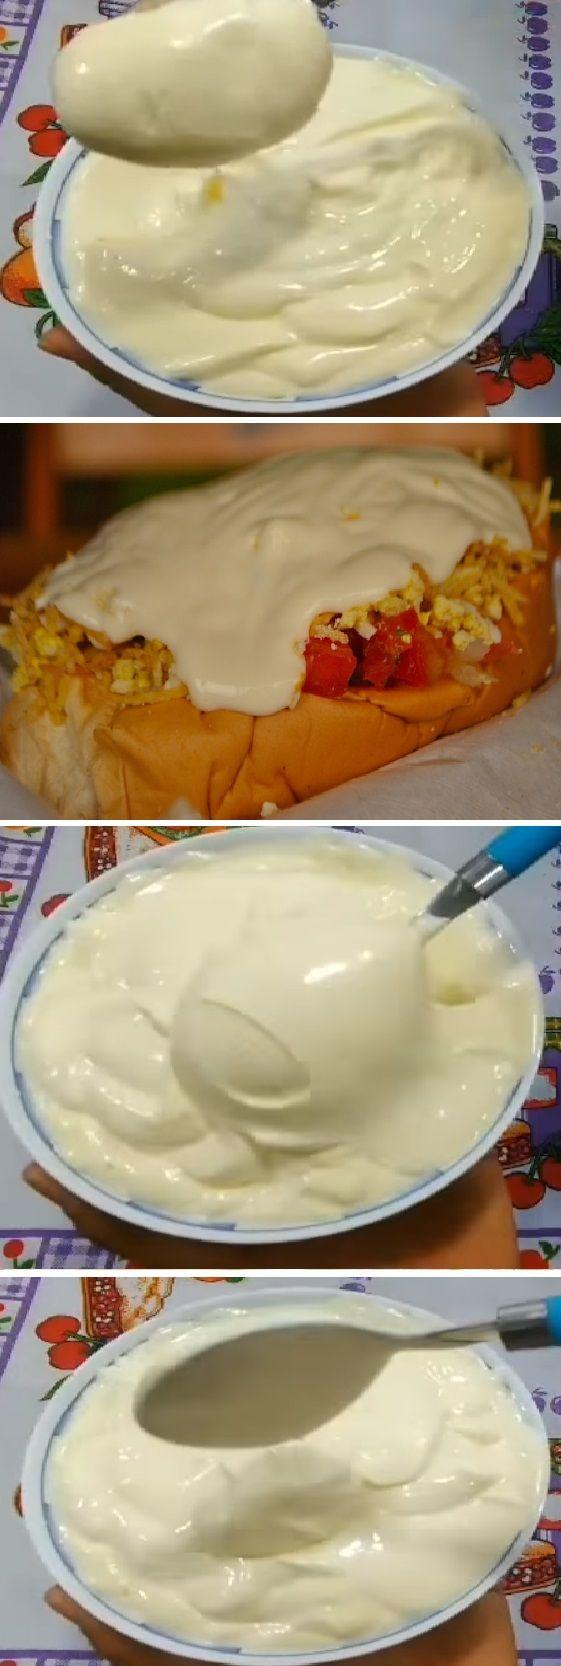 Se acabó la mayonesa! Aprende a hacer la verdadera Mayonesa perfecta en sólo un minuto! #mayonesa #salsa #fastfood #foodie #bread #breadrecipe #pan #panfrances #pantone #panes #pantone #pan #receta #recipe #casero #torta #tartas #pastel #nestlecocina #bizcocho #bizcochuelo #tasty #cocina #chocolate Si te gusta dinos HOLA y dale a Me Gusta MIREN …